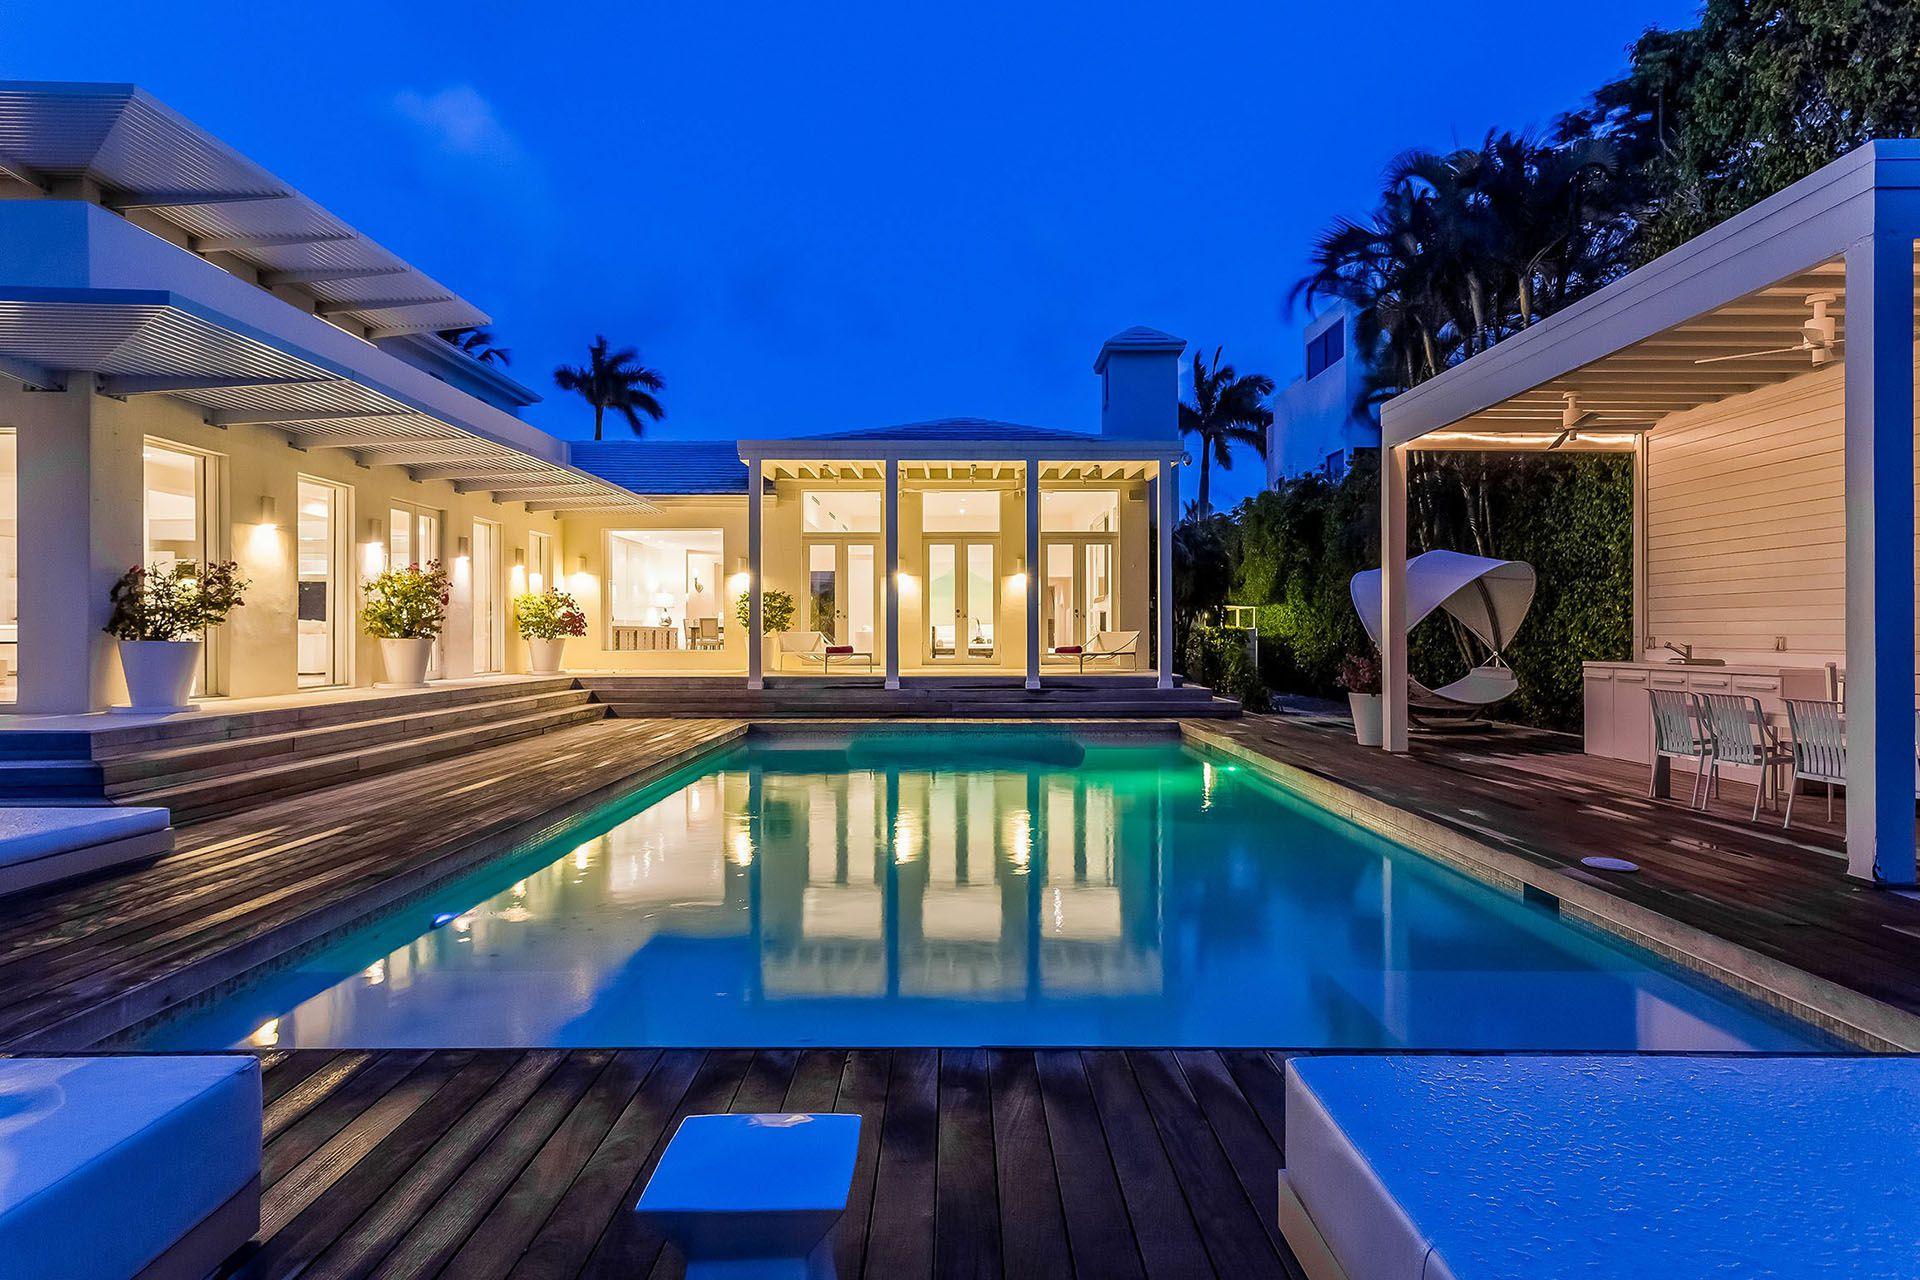 La mansión de Shakira en Miami